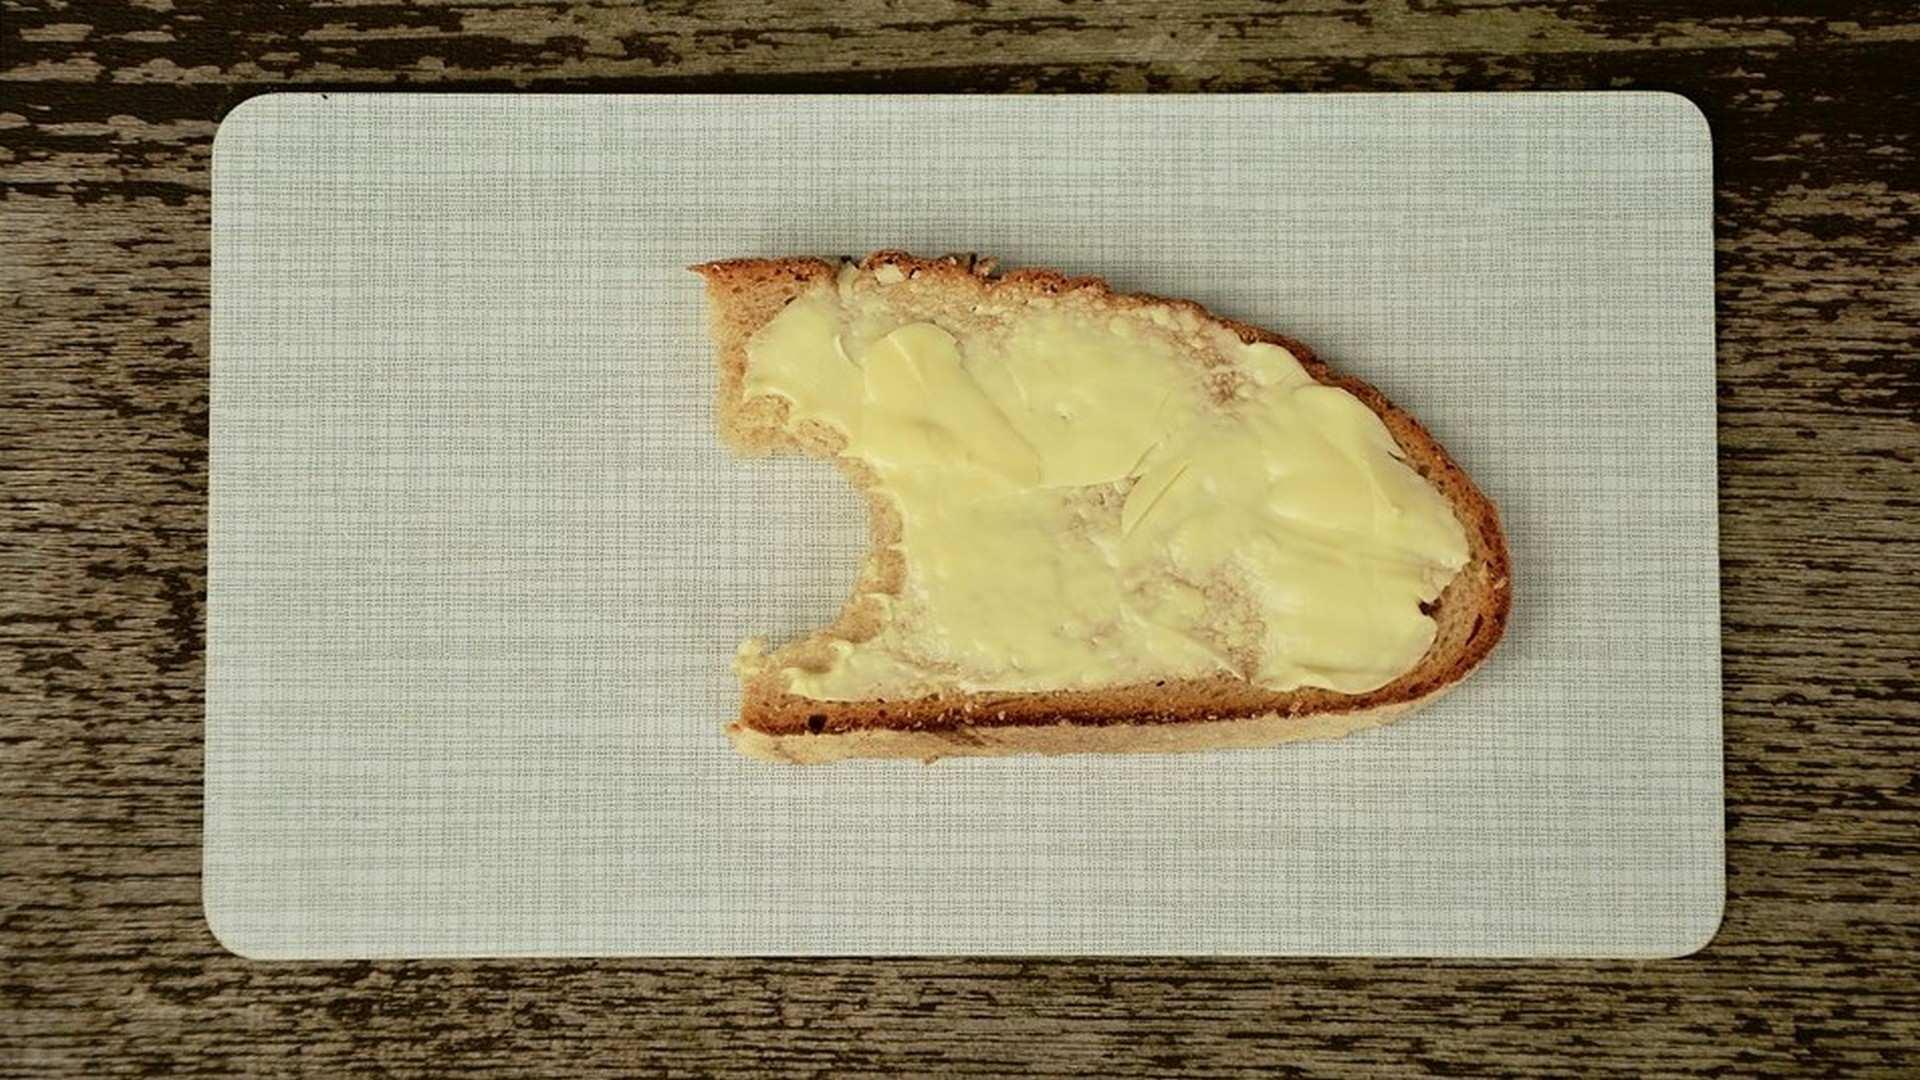 Desmontando mitos: el zumo no pierde vitaminas, el pan no engorda y 7 falsas leyendas más